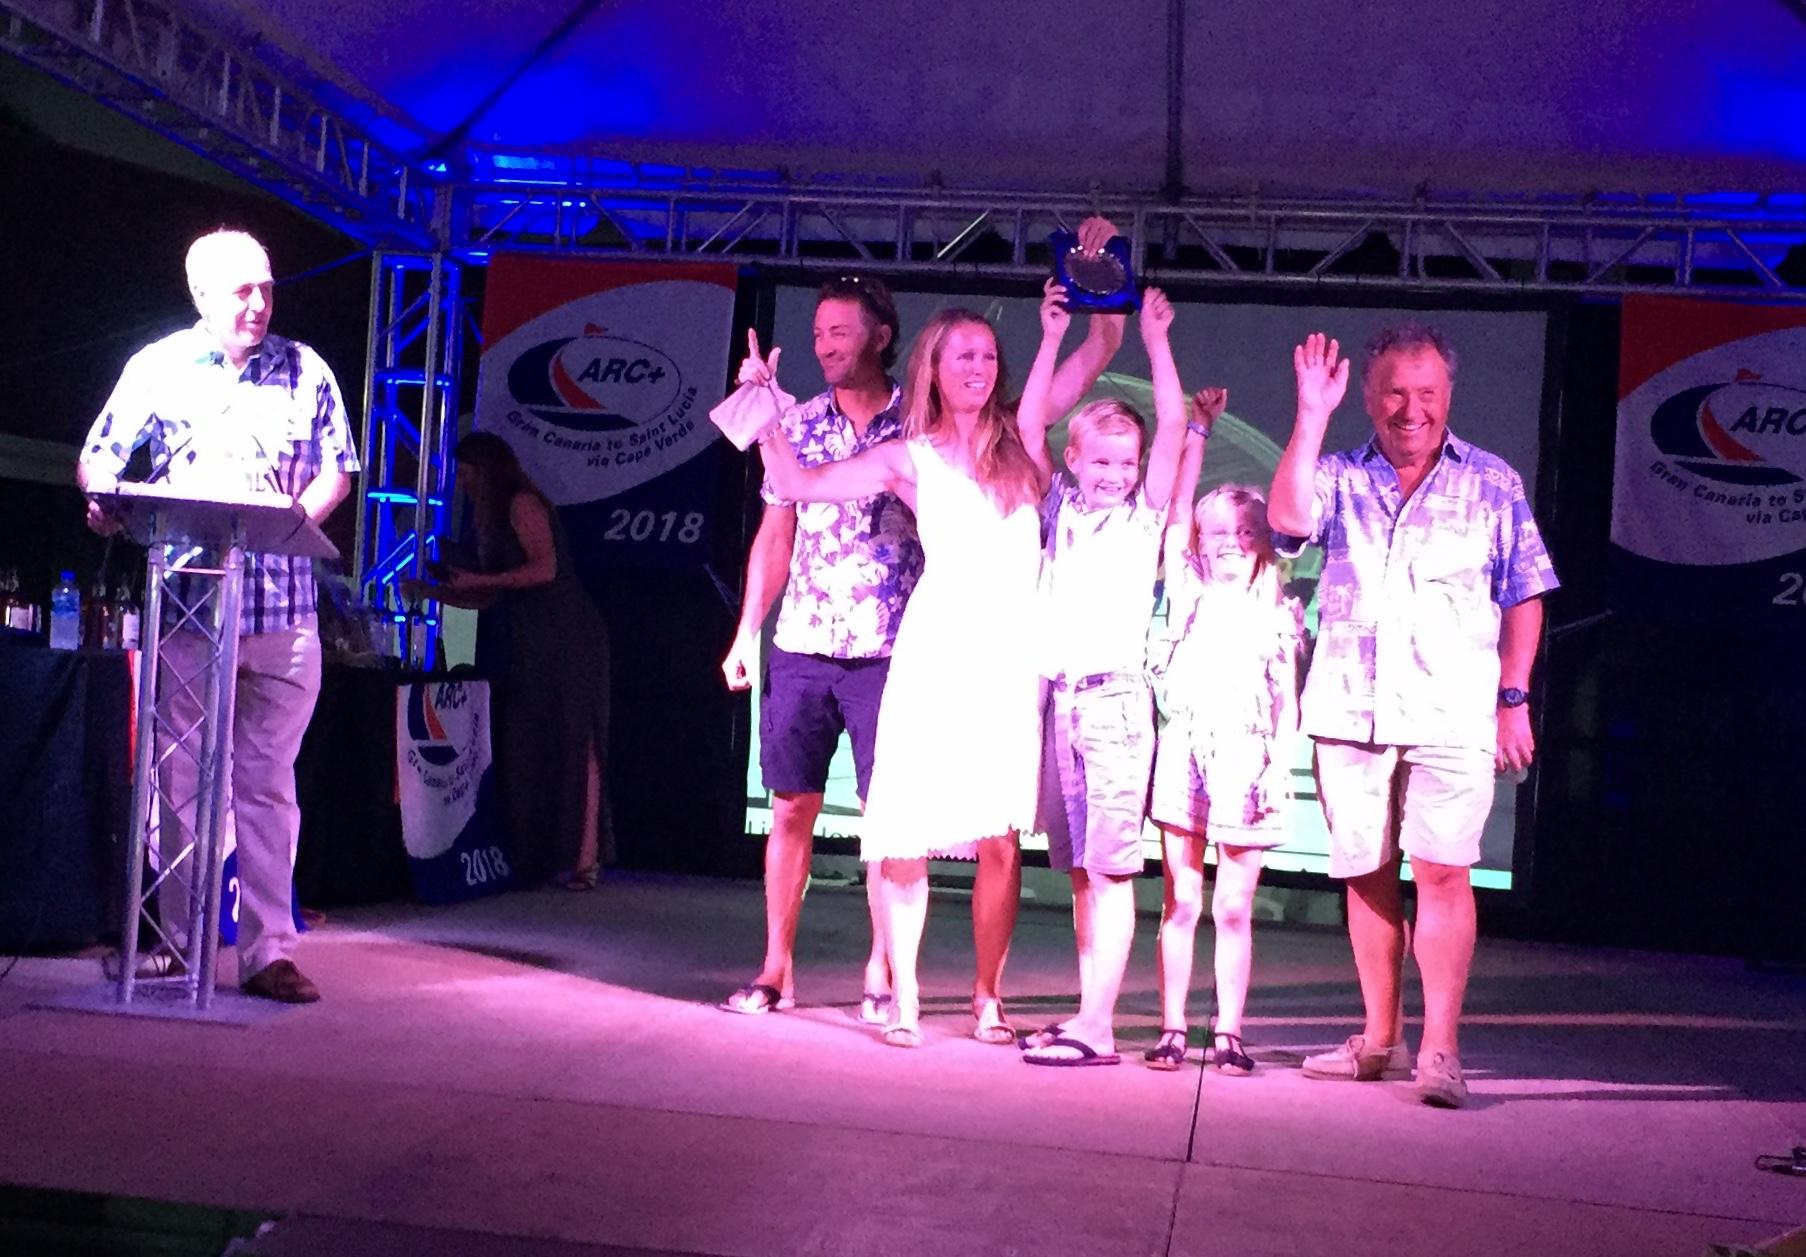 Axeline 2 - Deserved winners of Leg 2